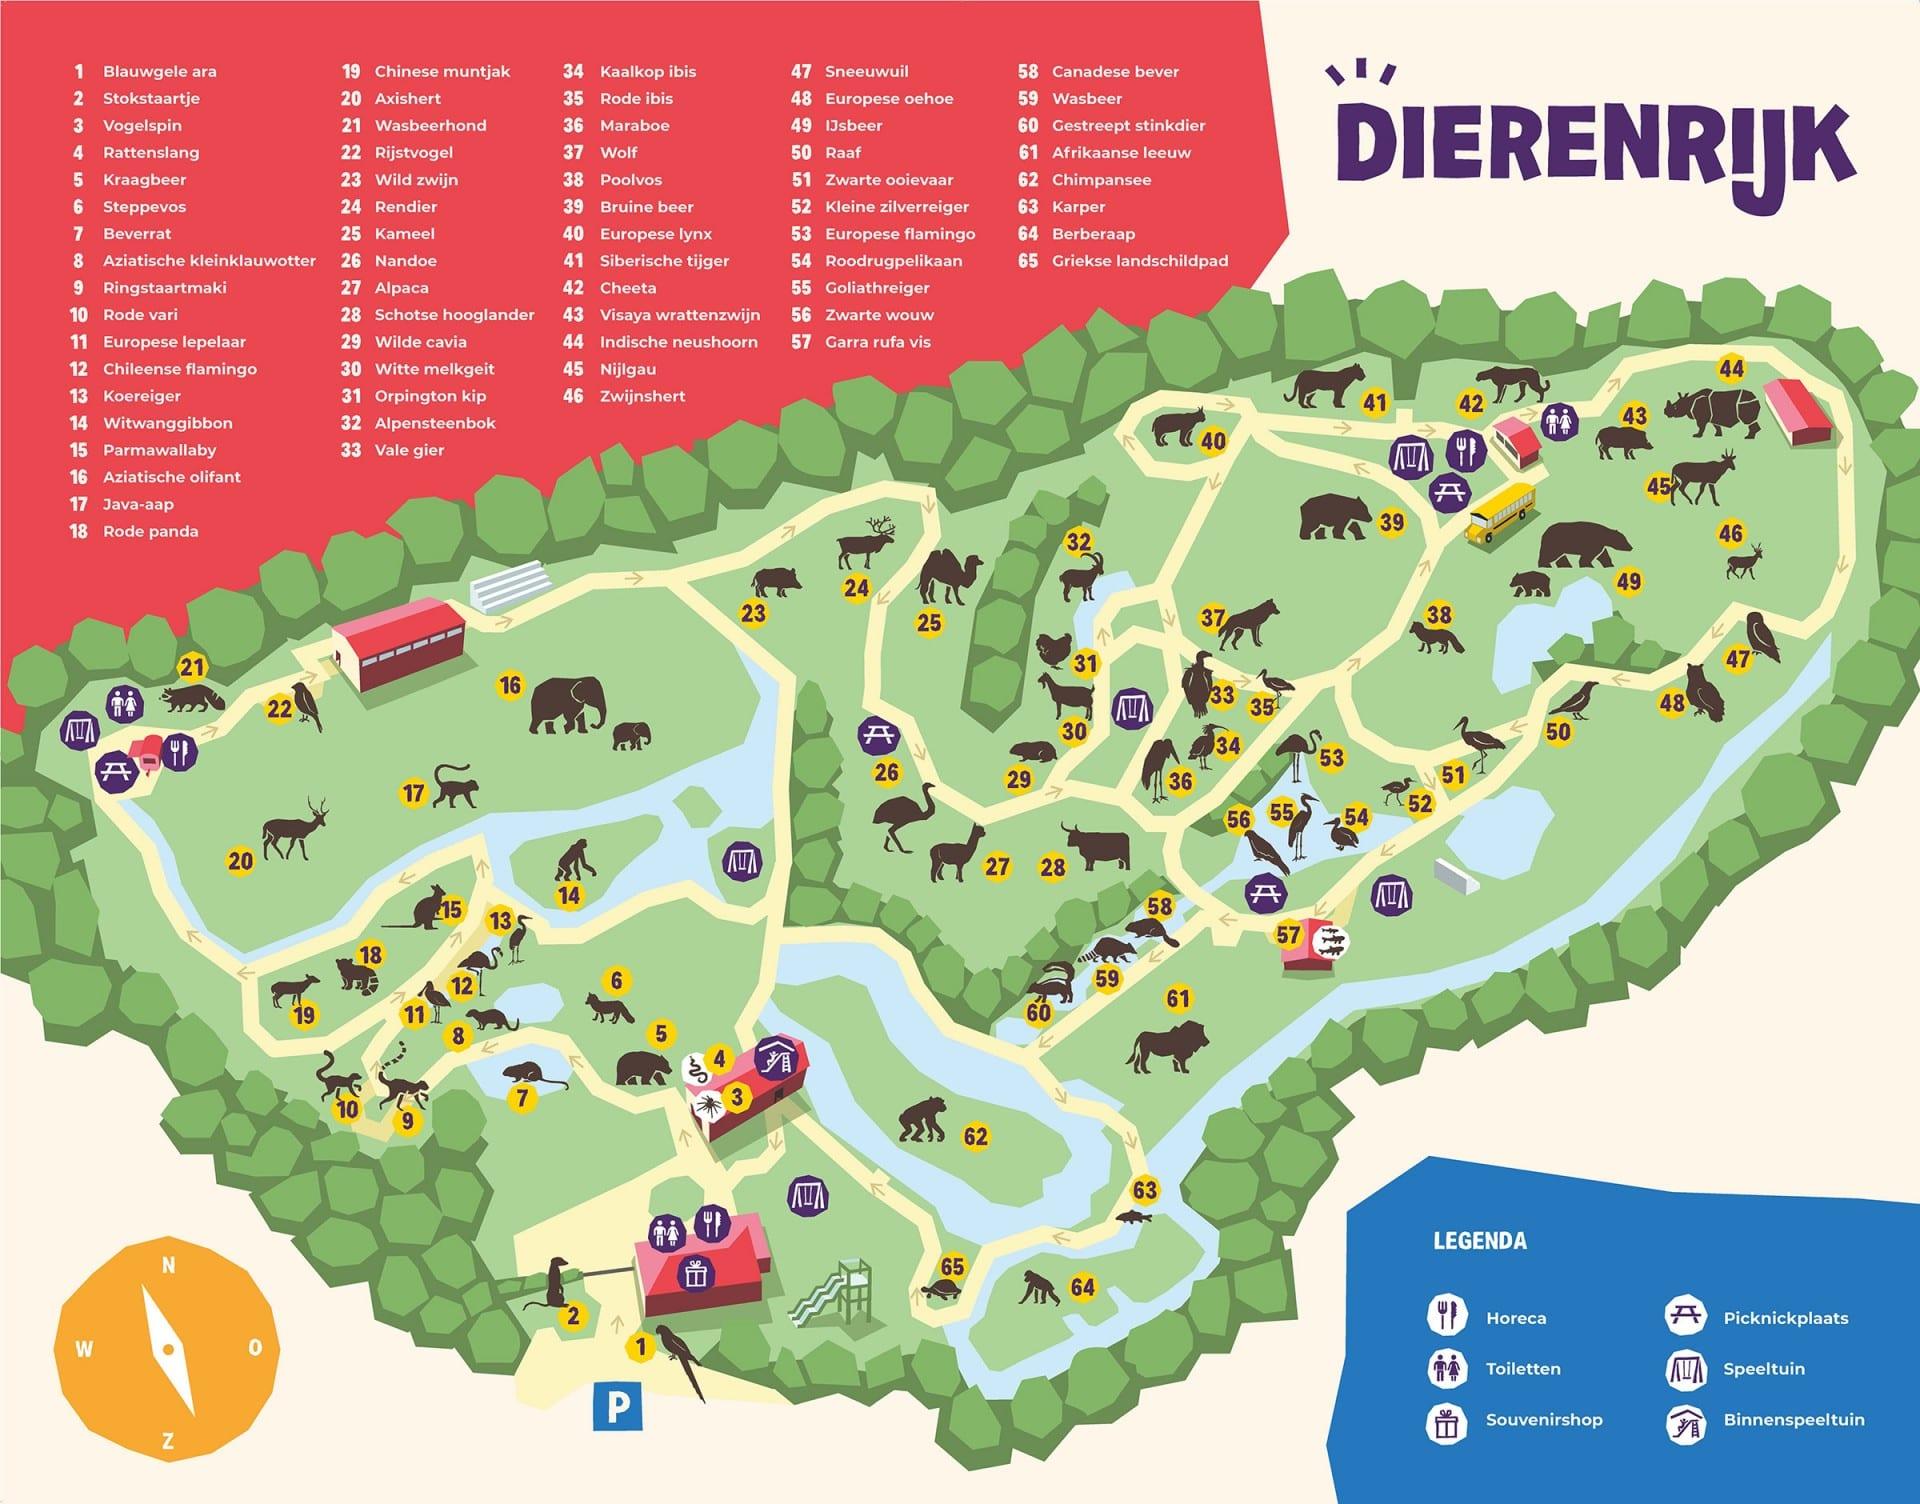 De plattegrond van Dierenrijk laat je precies zien welk dier waar te vinden is!